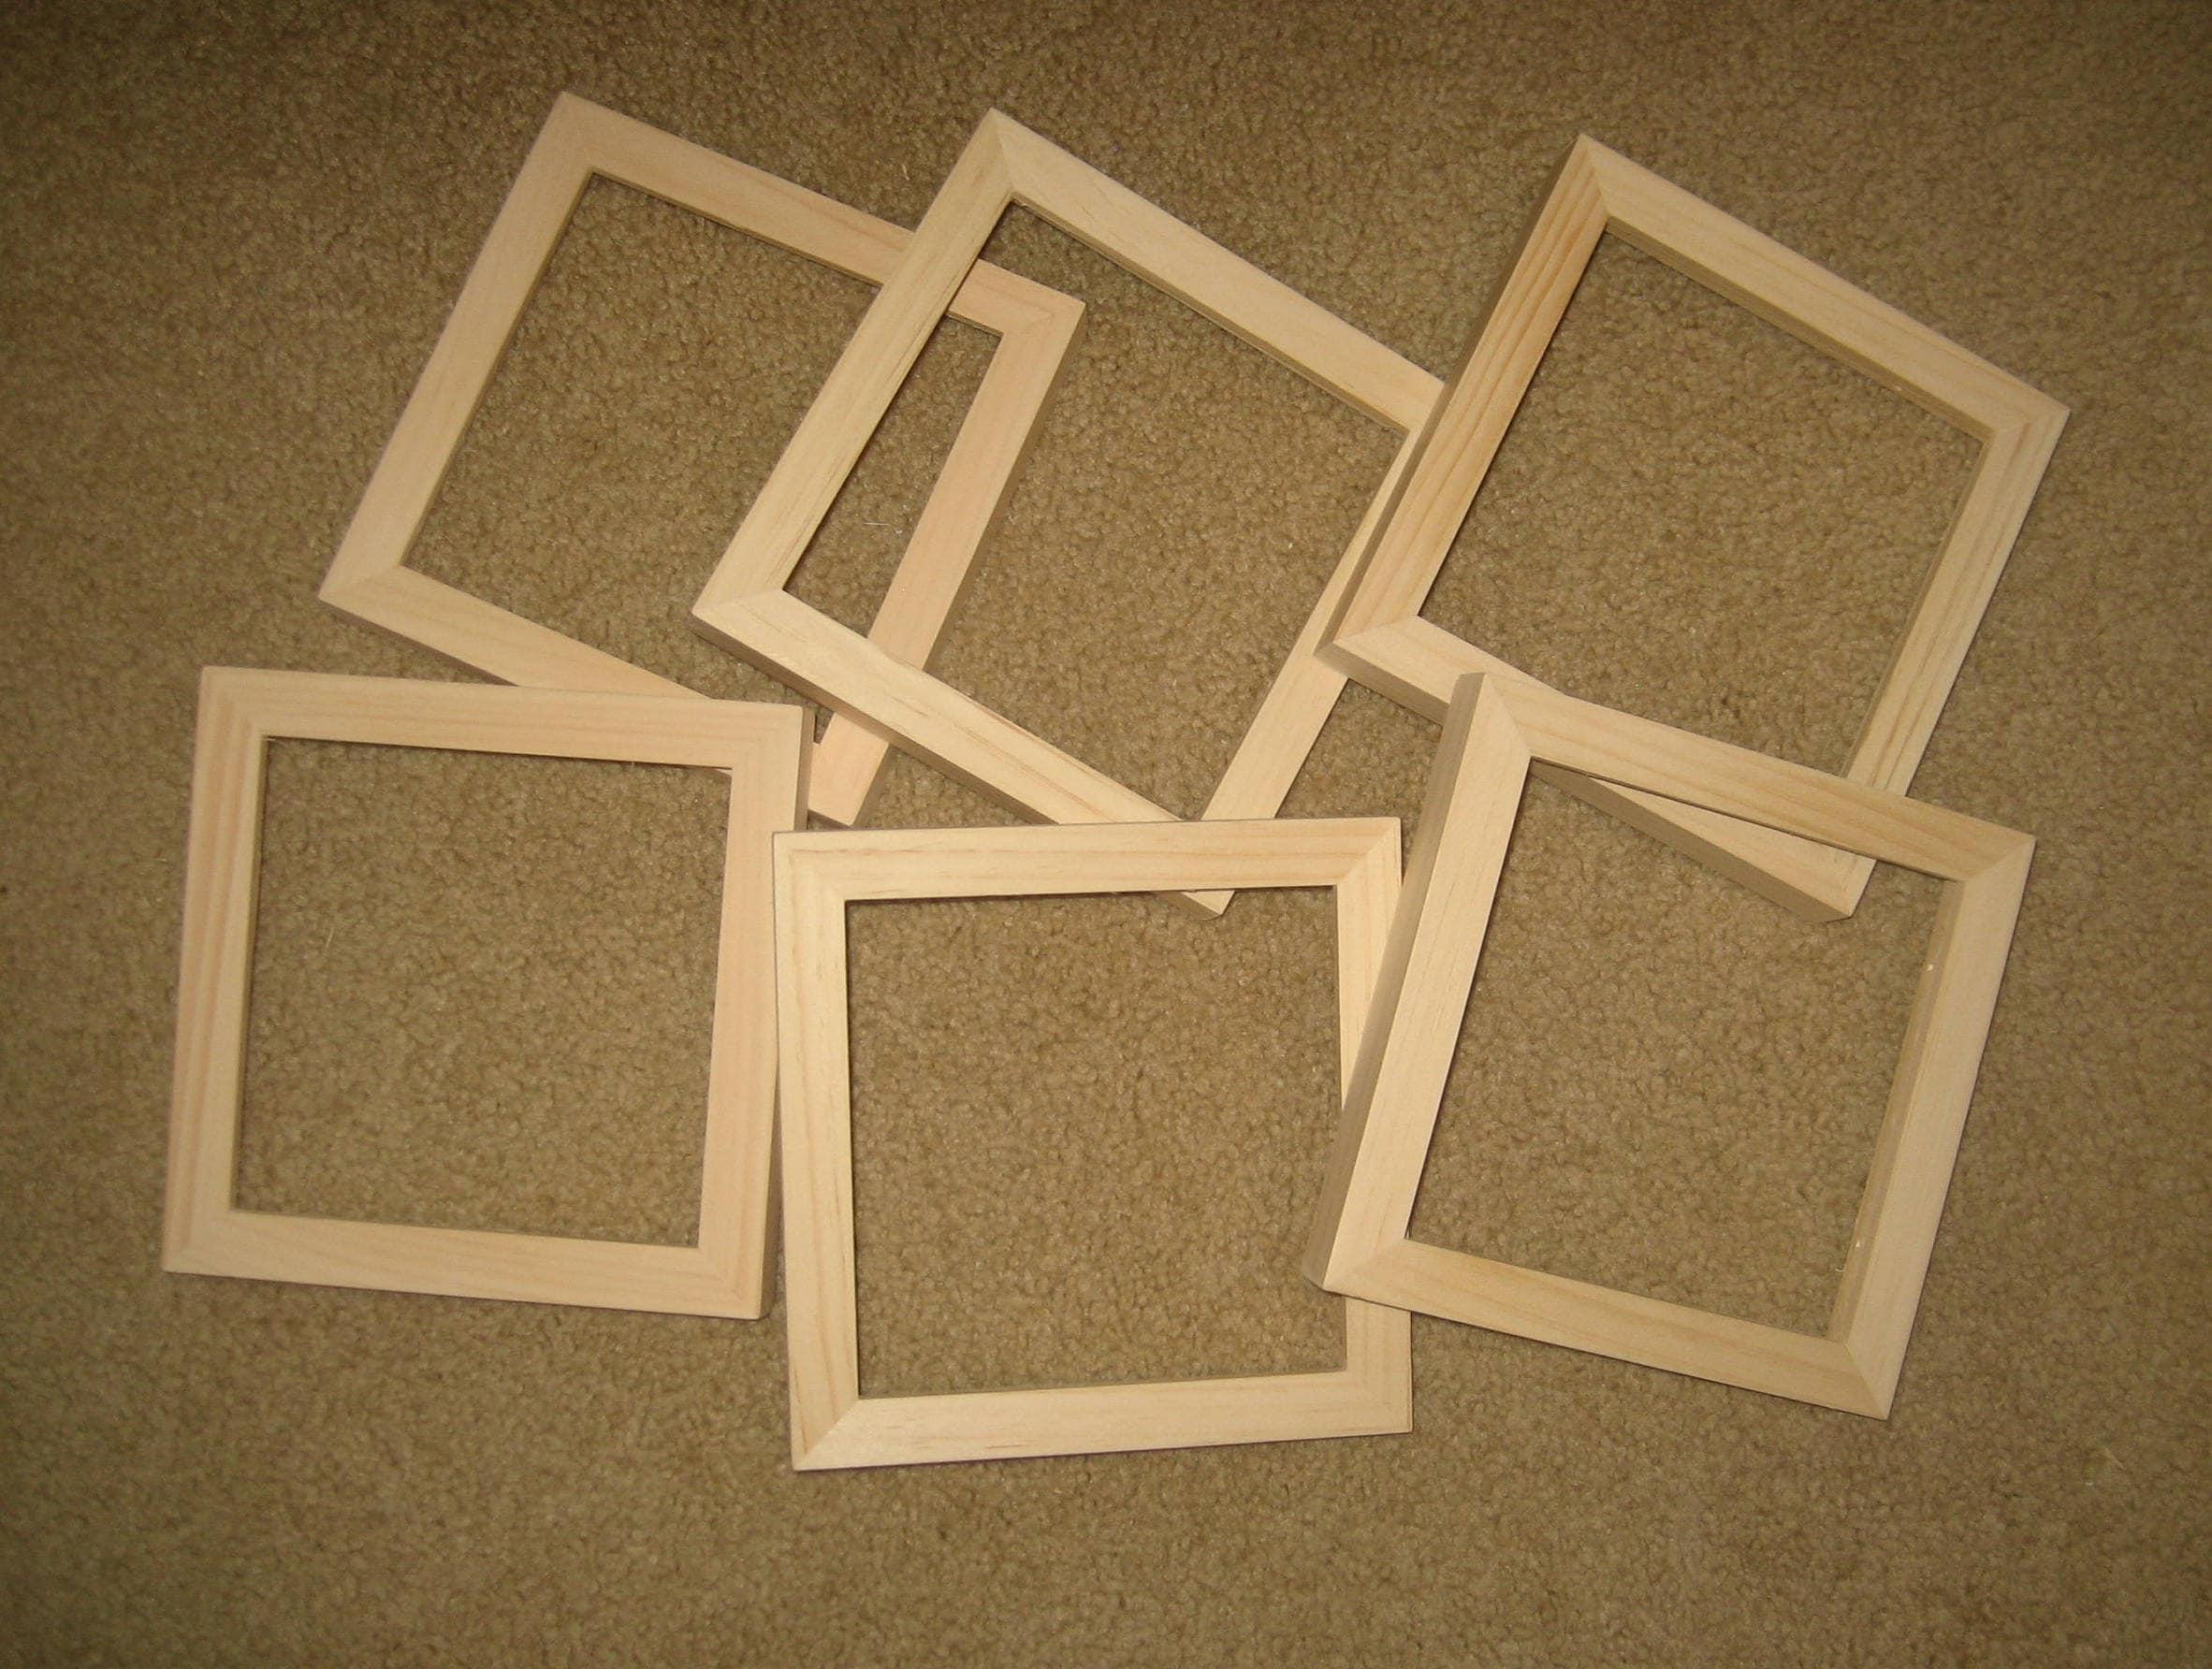 6 Tiefe Falzfräser 6 x 6-Bilderrahmen für Leinwände